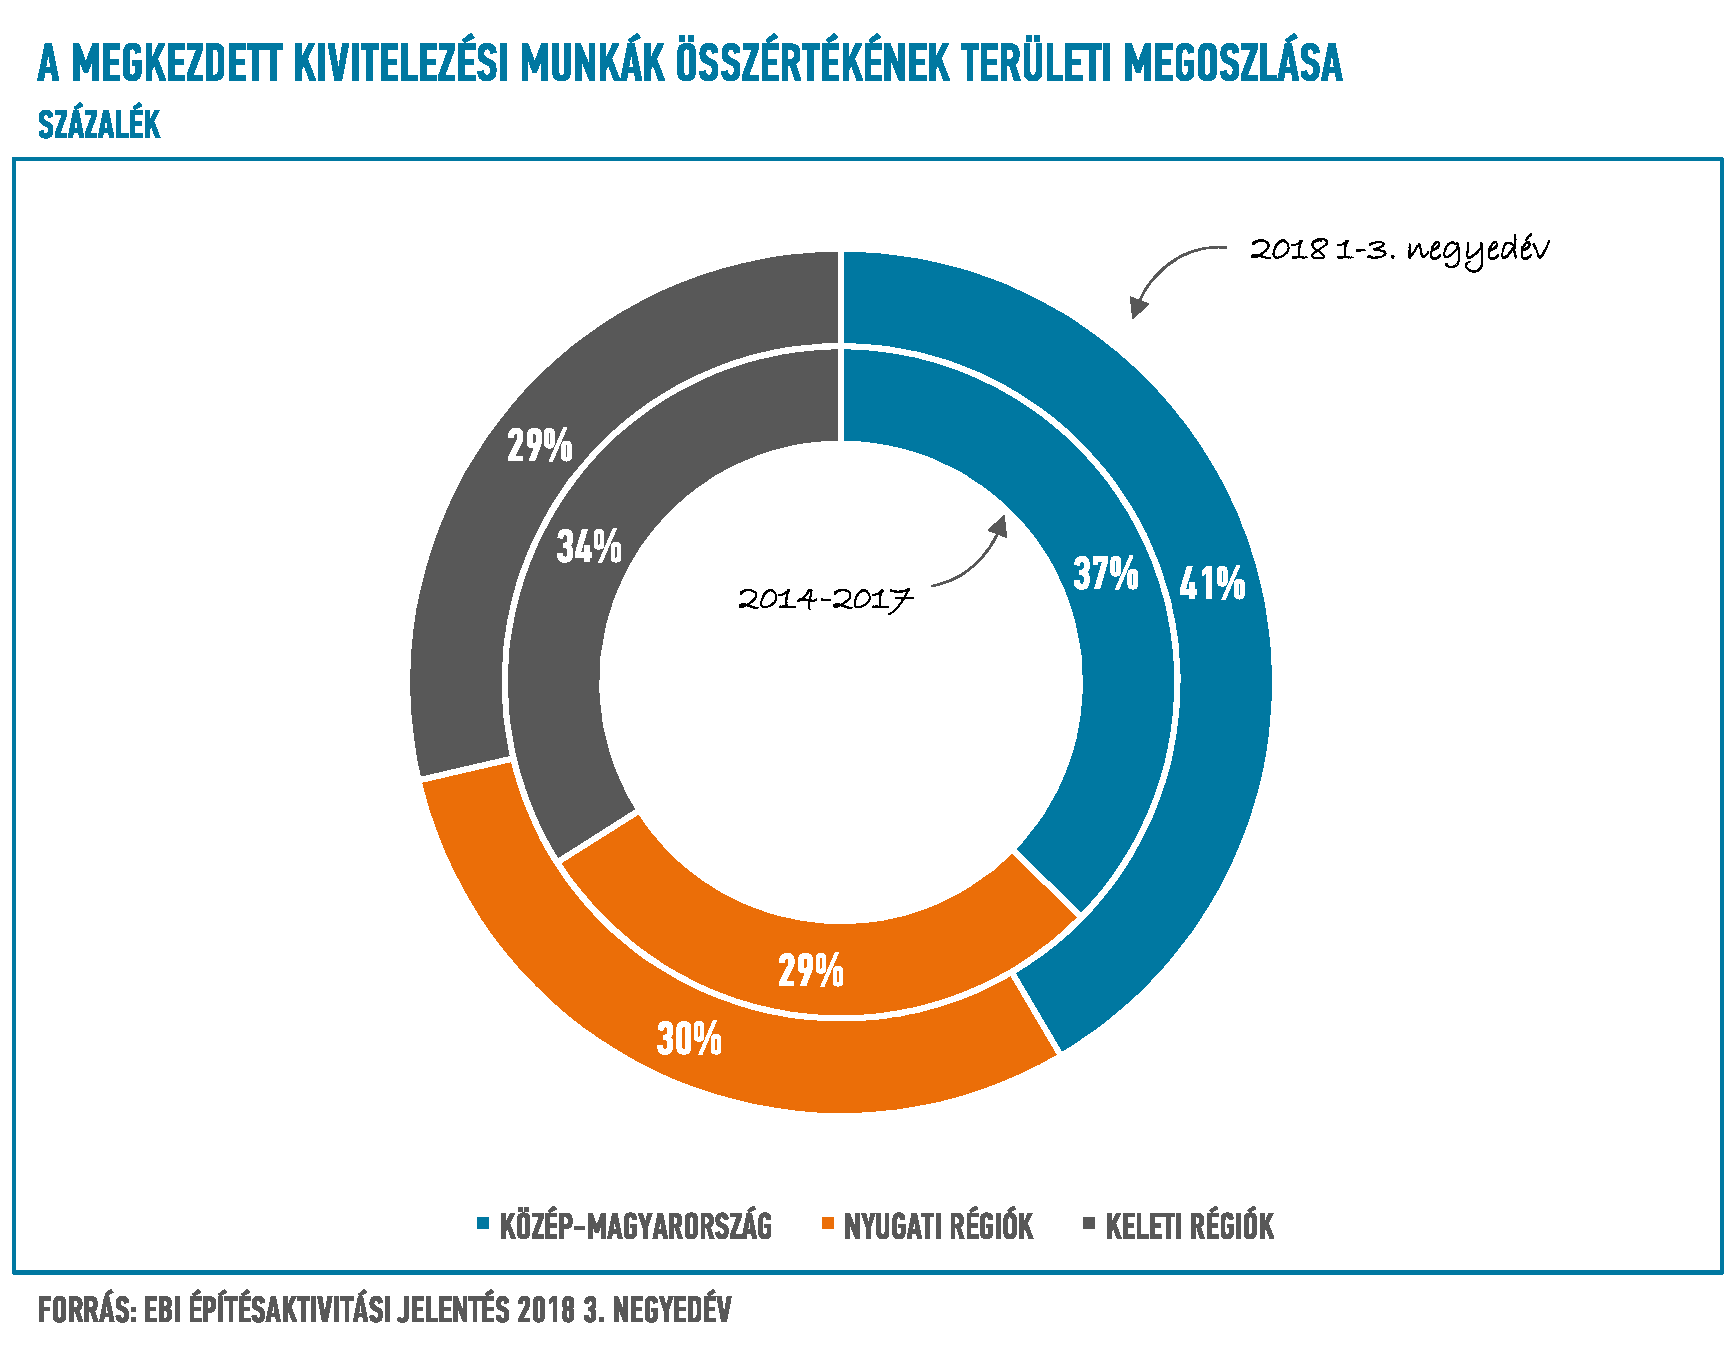 9e020f1423 A megkezdett kivitelezési munkák összértékének területi megoszlása  Magyarország egyes régiói között